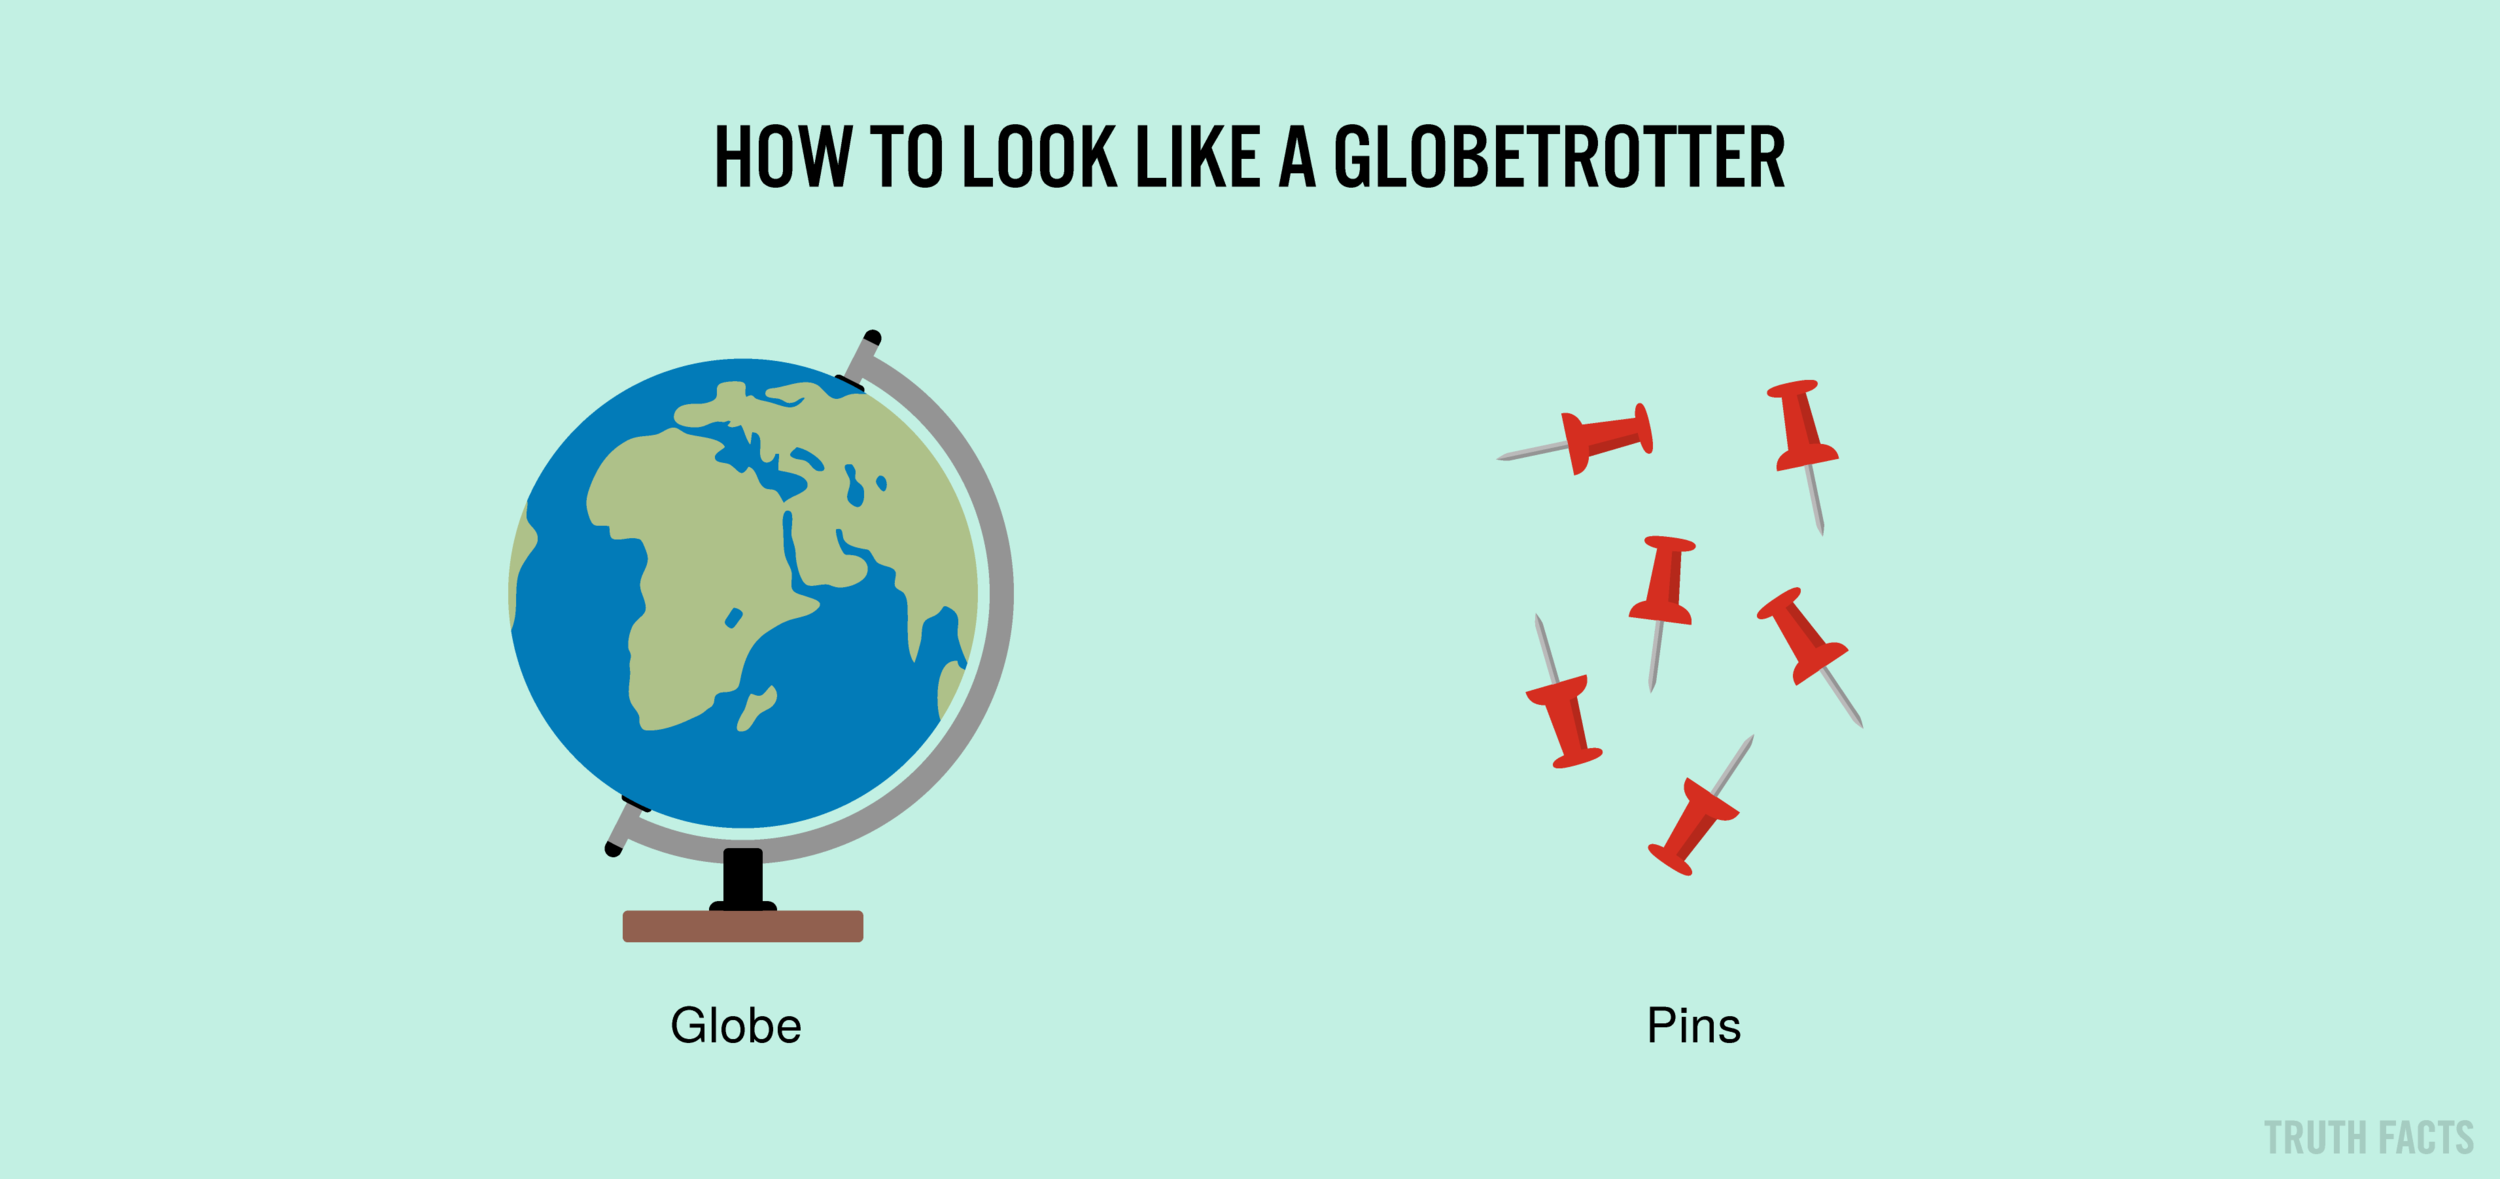 1378 US Hvordan du kan fremstå som en globetrotter.png